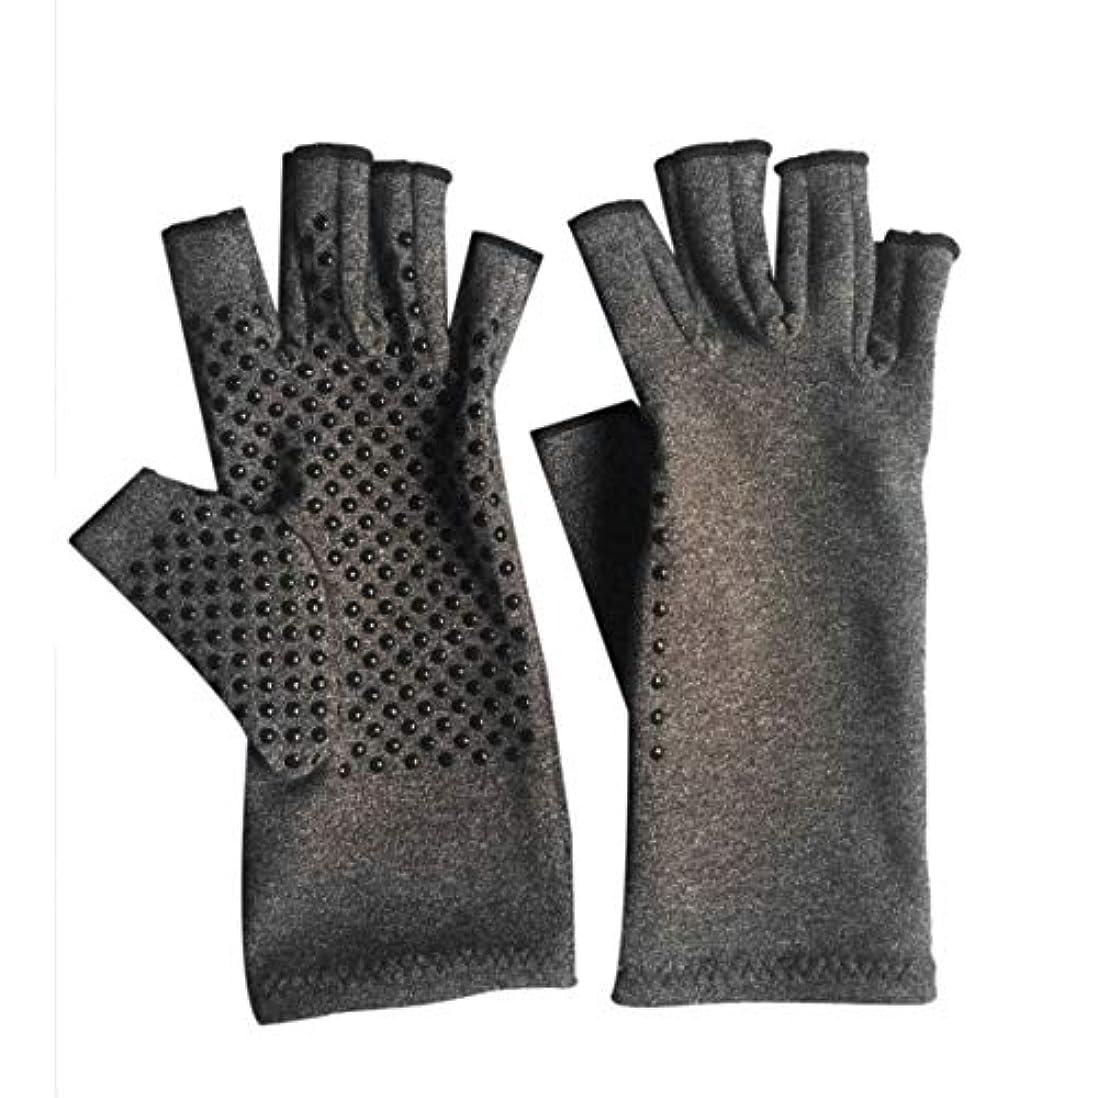 好奇心同一の池1ペアユニセックス男性女性療法圧縮手袋関節炎関節痛緩和ヘルスケア半指手袋トレーニング手袋 - グレーM